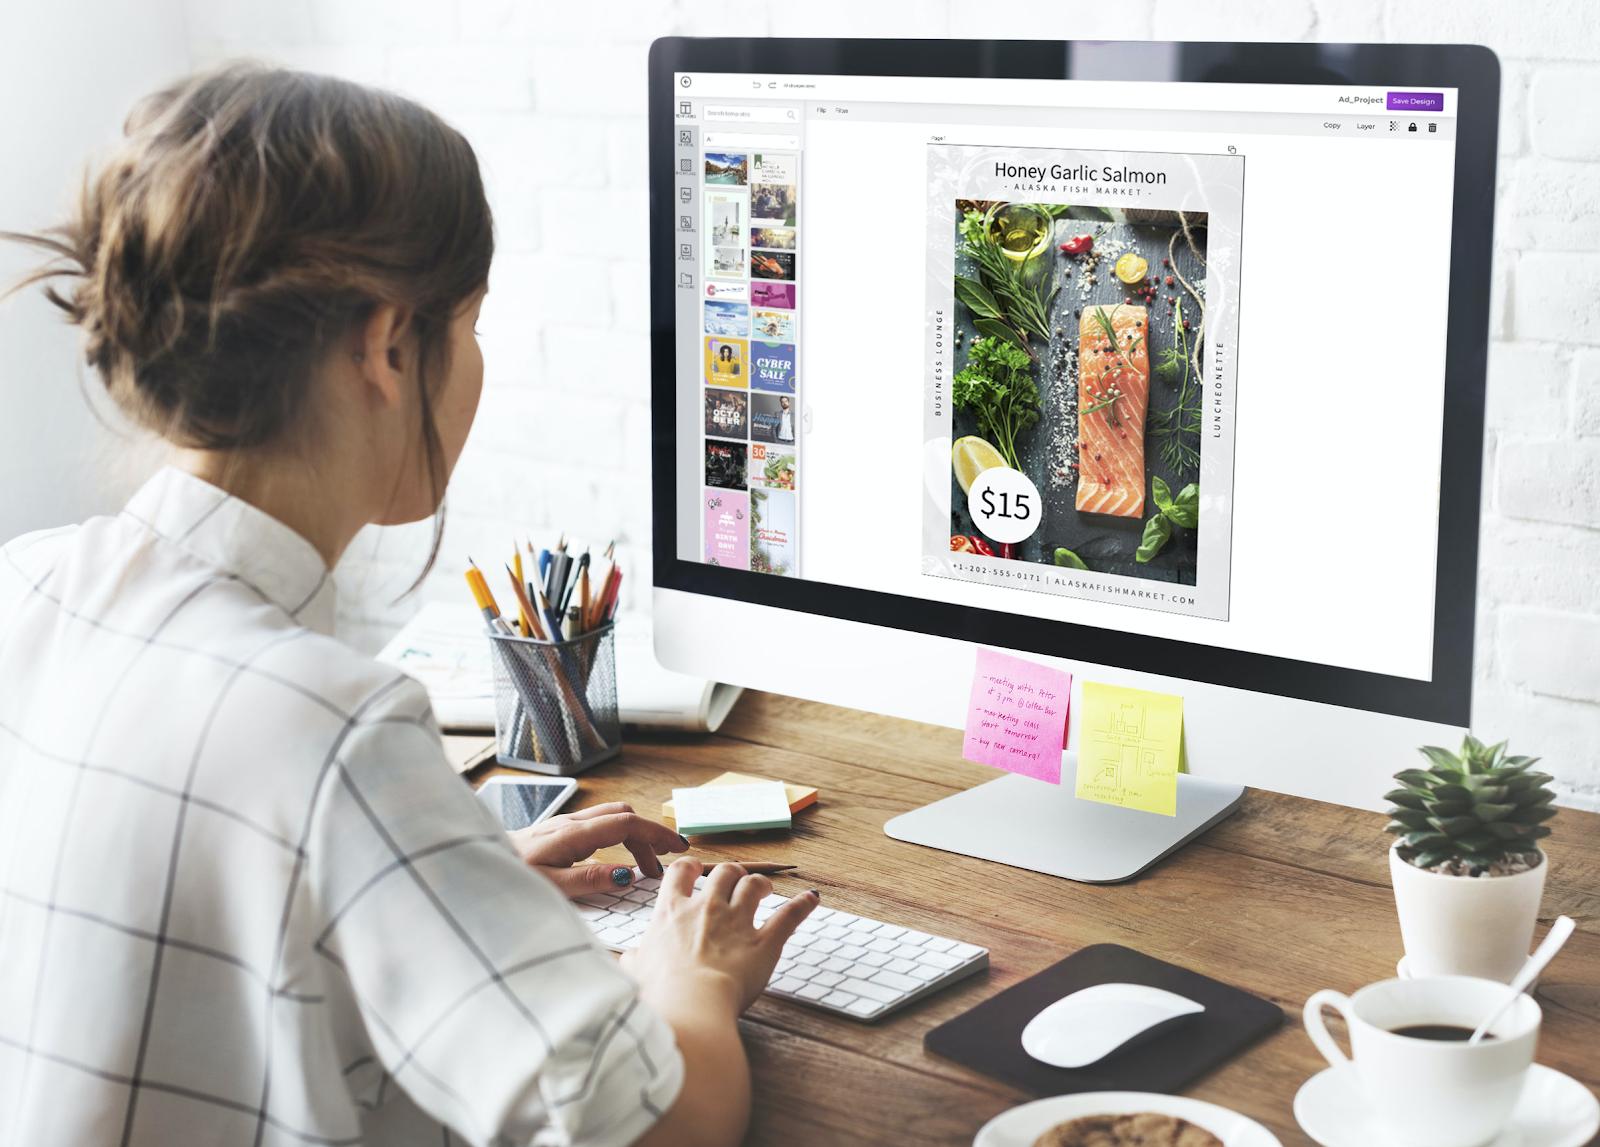 Concevoir un modèle étonnant à l'aide de l'outil de conception en ligne gratuit - Designmaker.